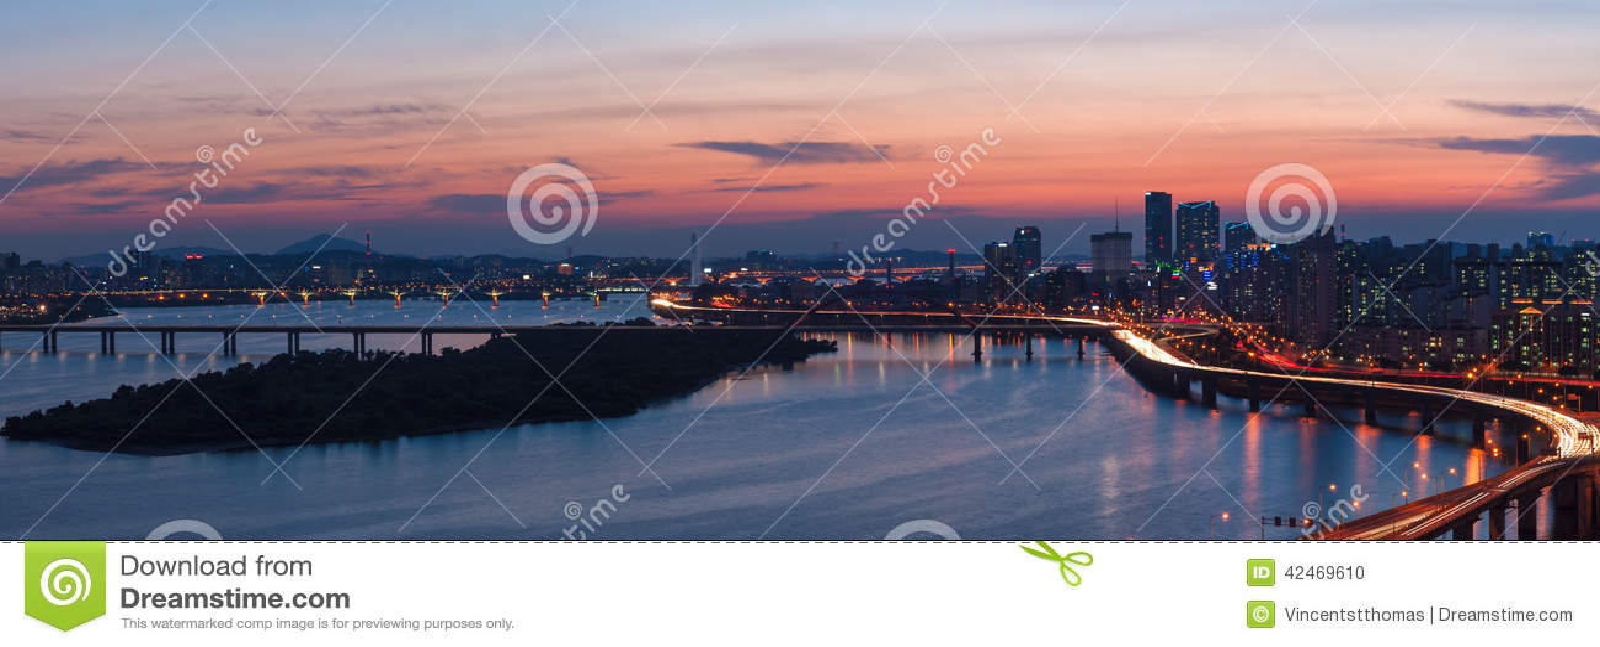 Seoul-Sonnenuntergang